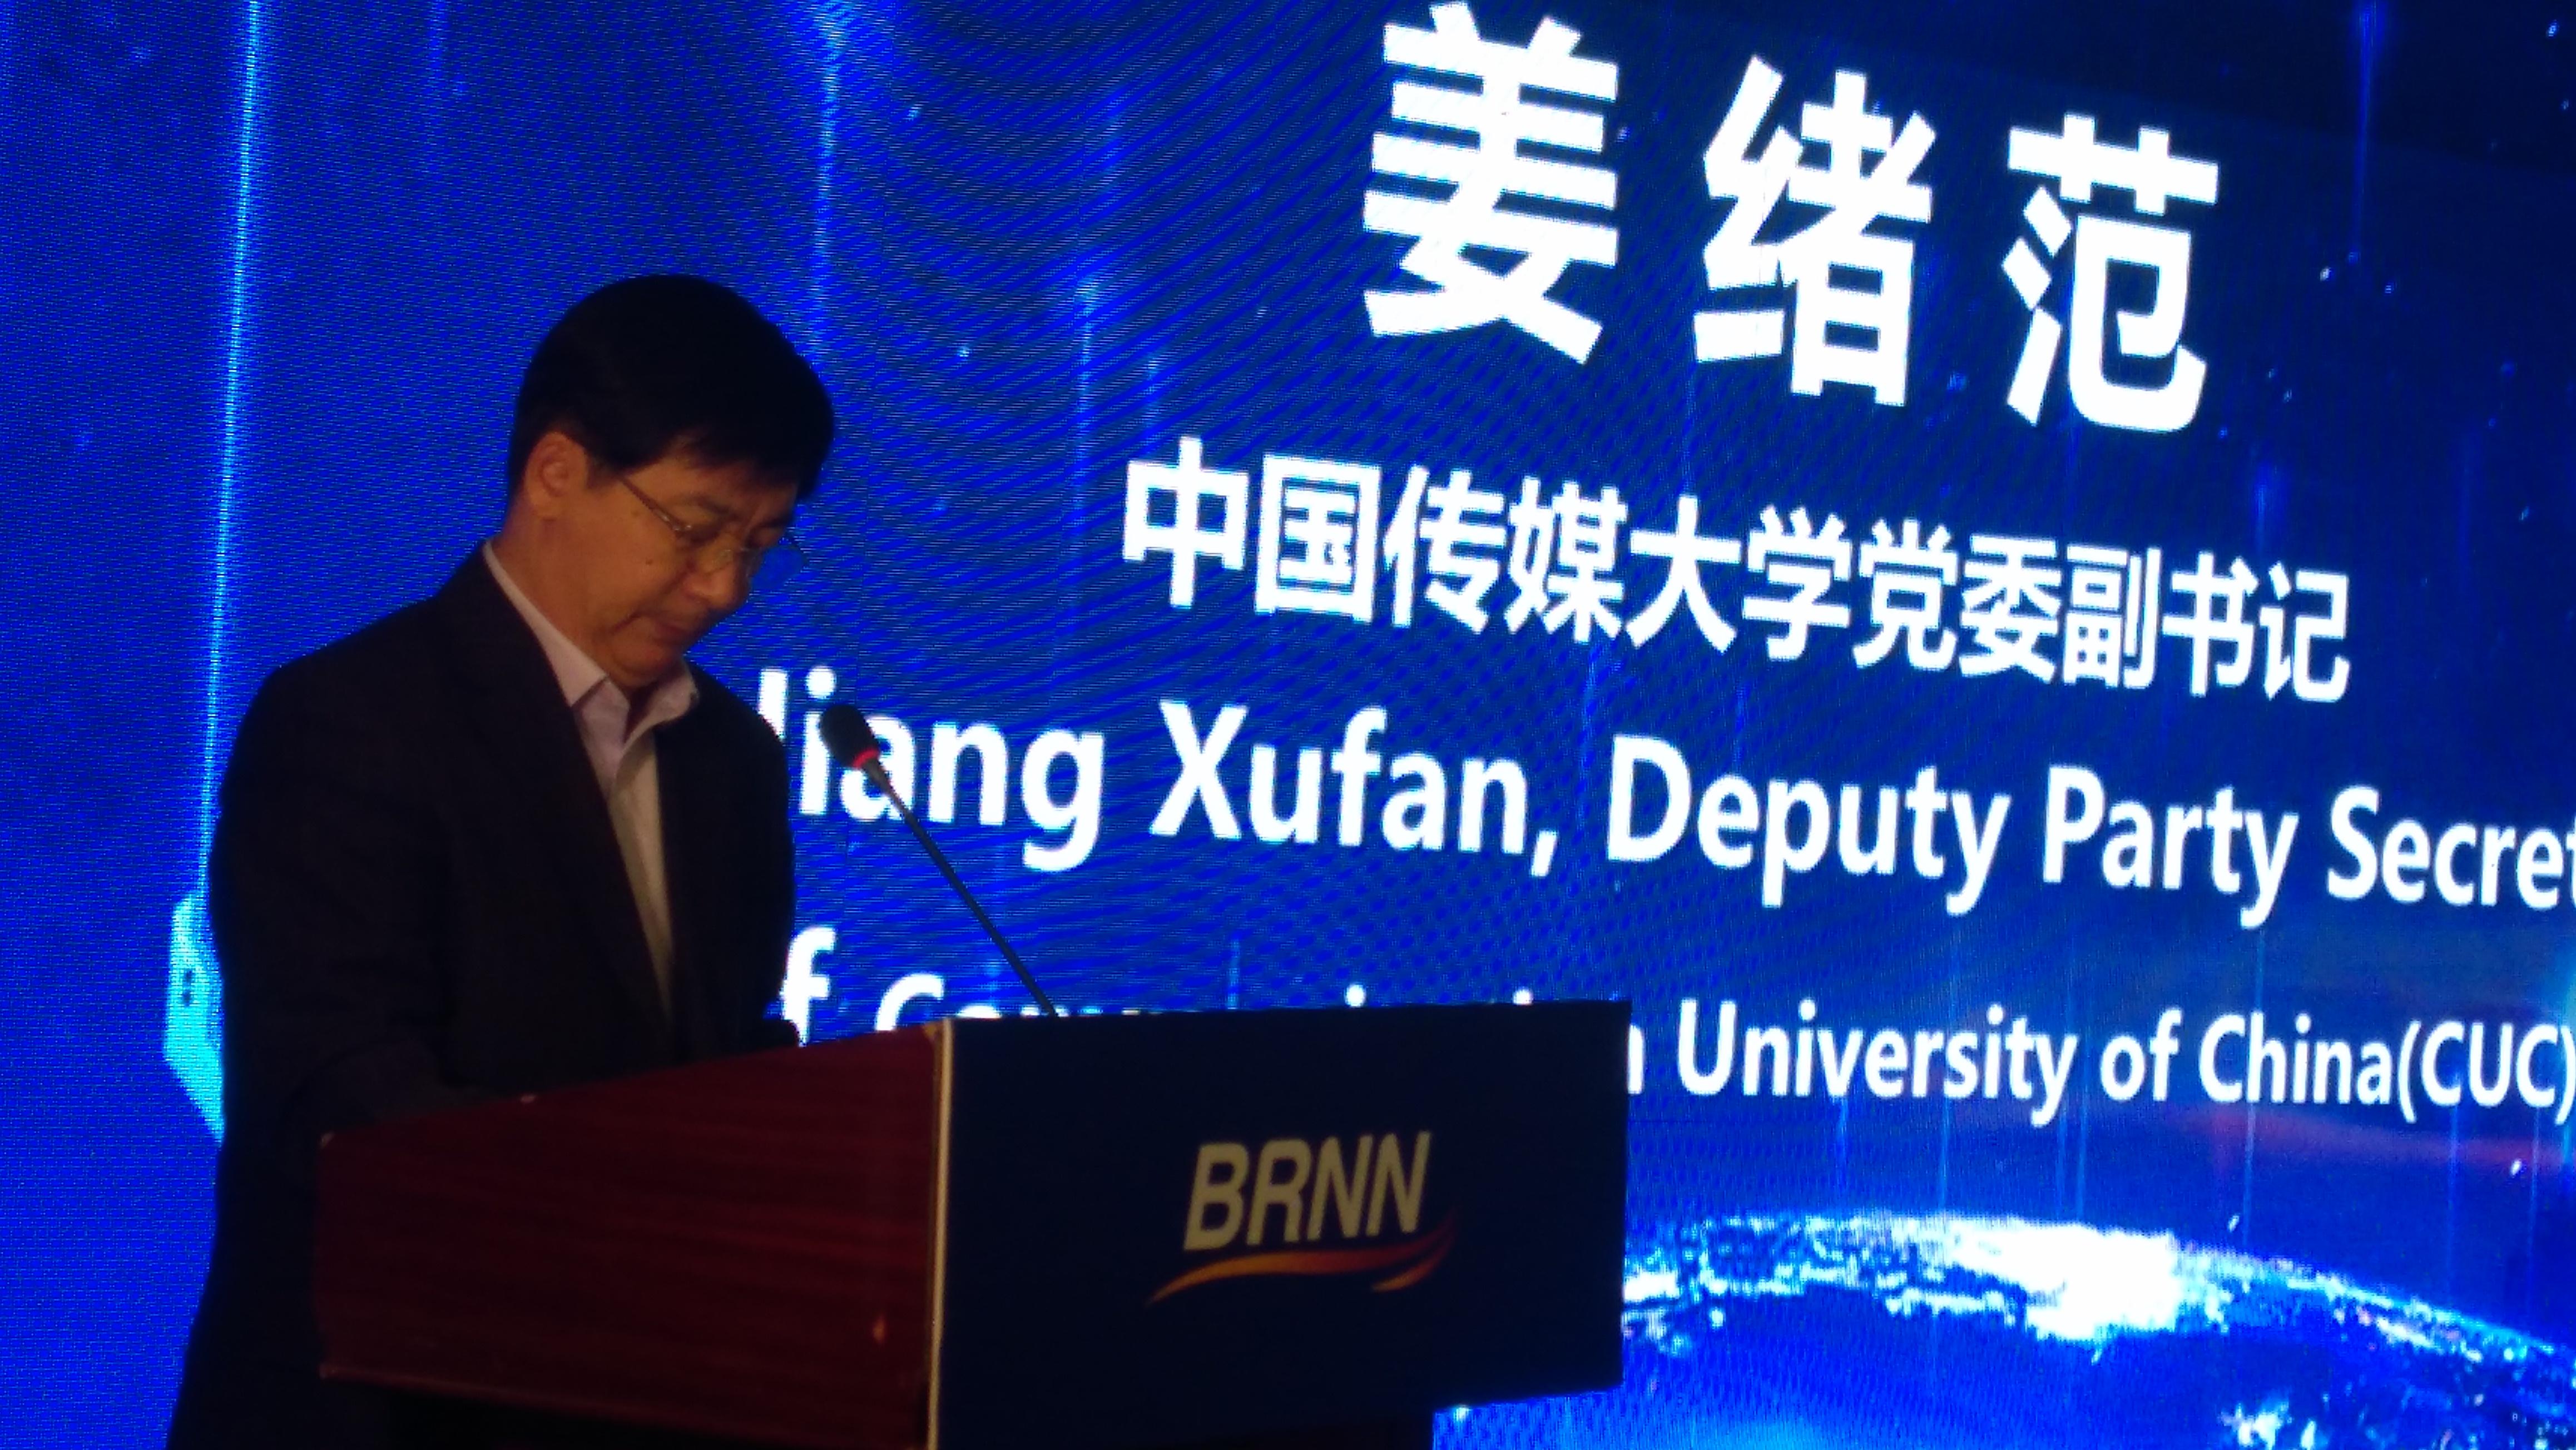 انطلاق فعاليات ندوة الإعلام لمنتدى الحزام والطريق فى بكين  (4)